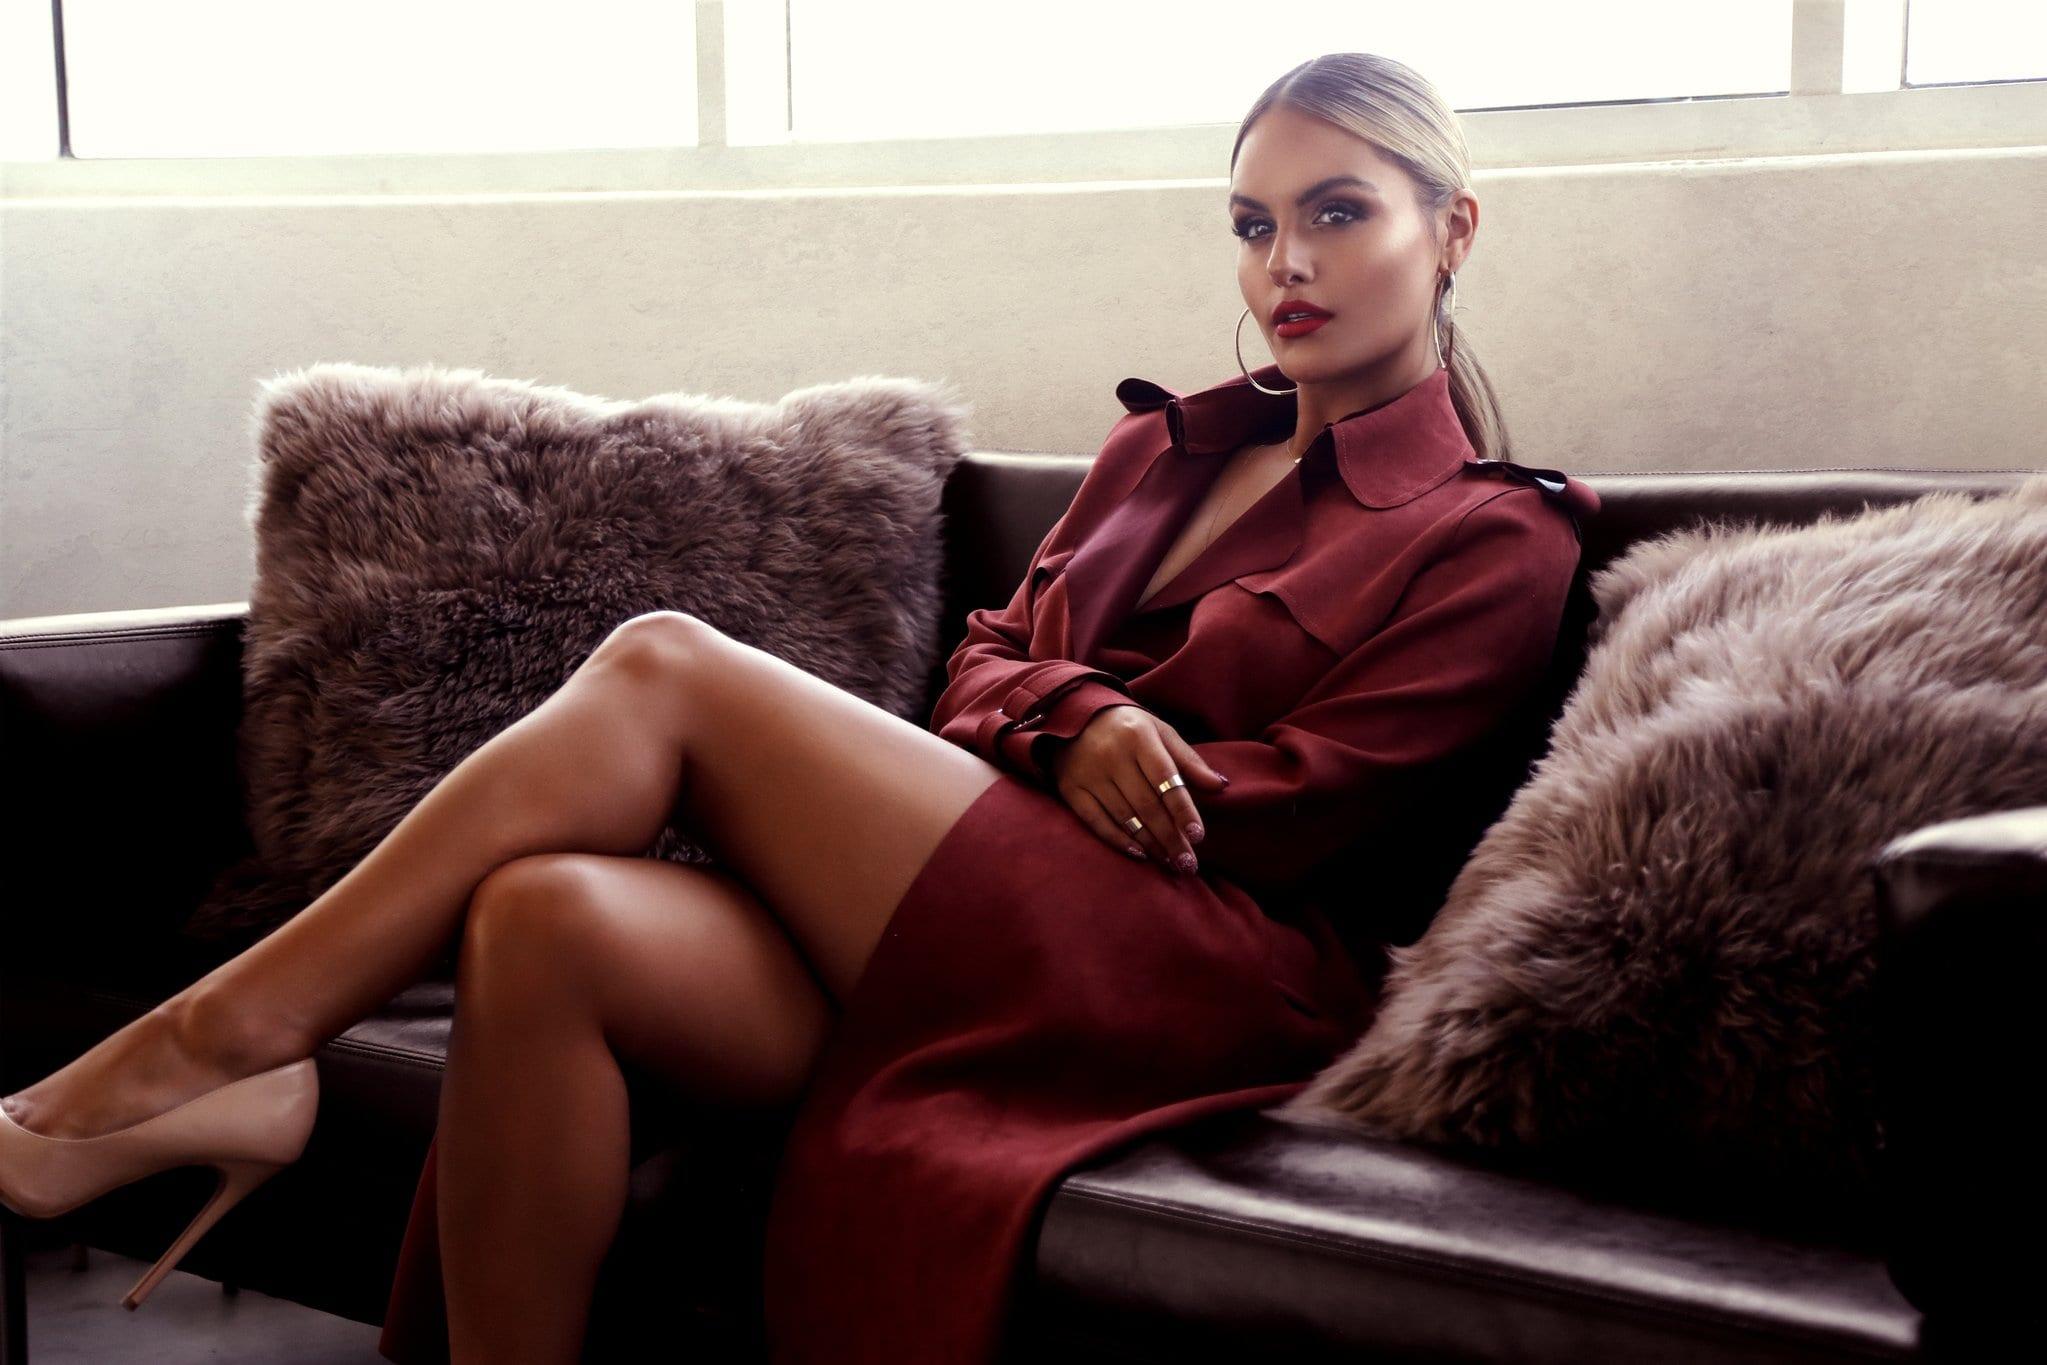 Comment Être Une Femme Glamour — Les 5 Qualités de Cette Femme à la Fois Sexy et Élégante